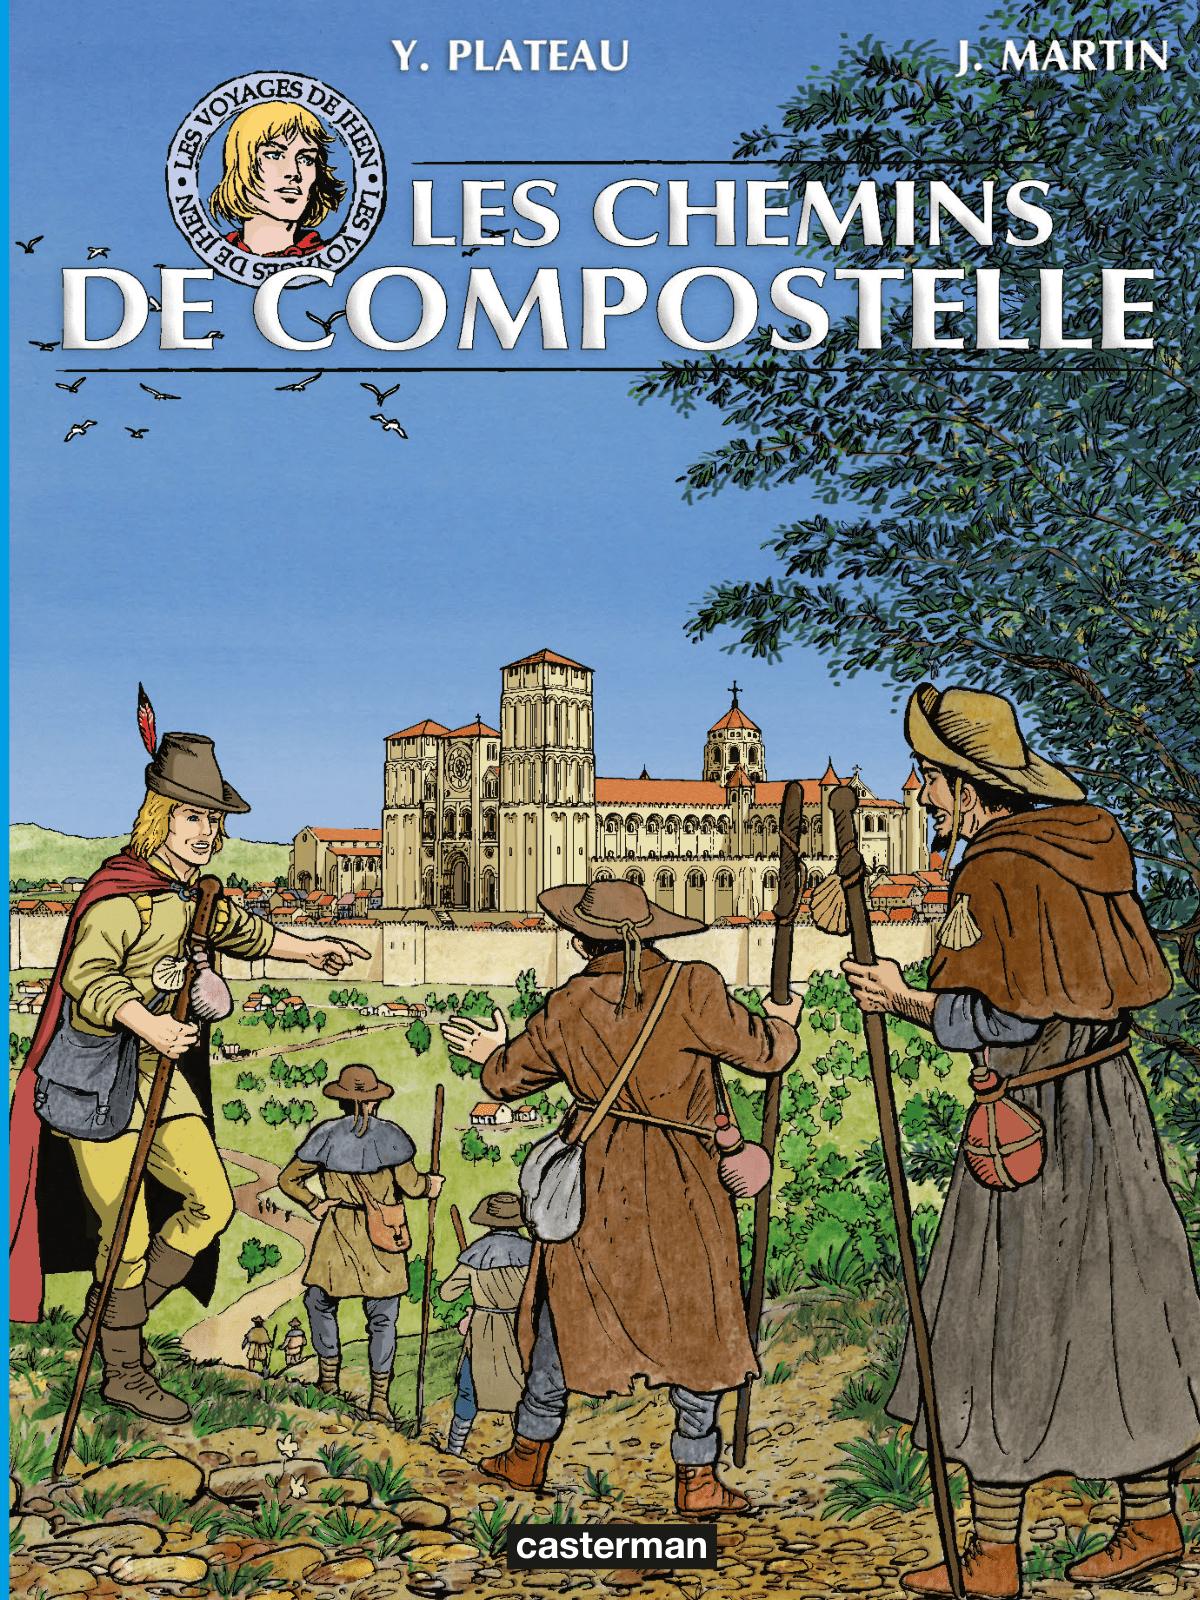 Les Voyages de Jhen, Compostelle sur l'Aubrac et dans l'Hérault